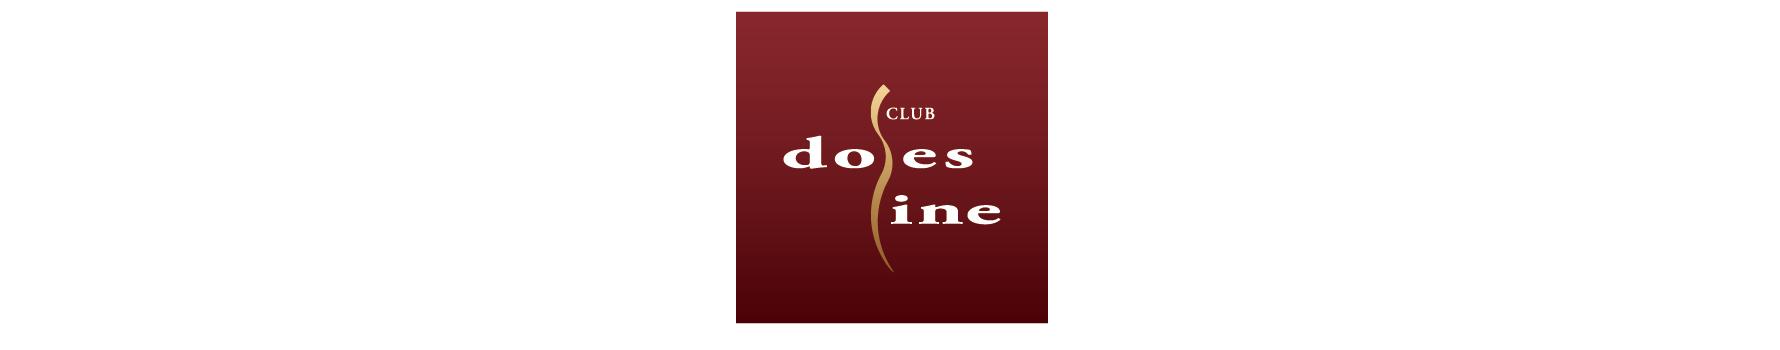 CLUB doles line 川崎【ドレスライン カワサキ】(川崎)のロゴ